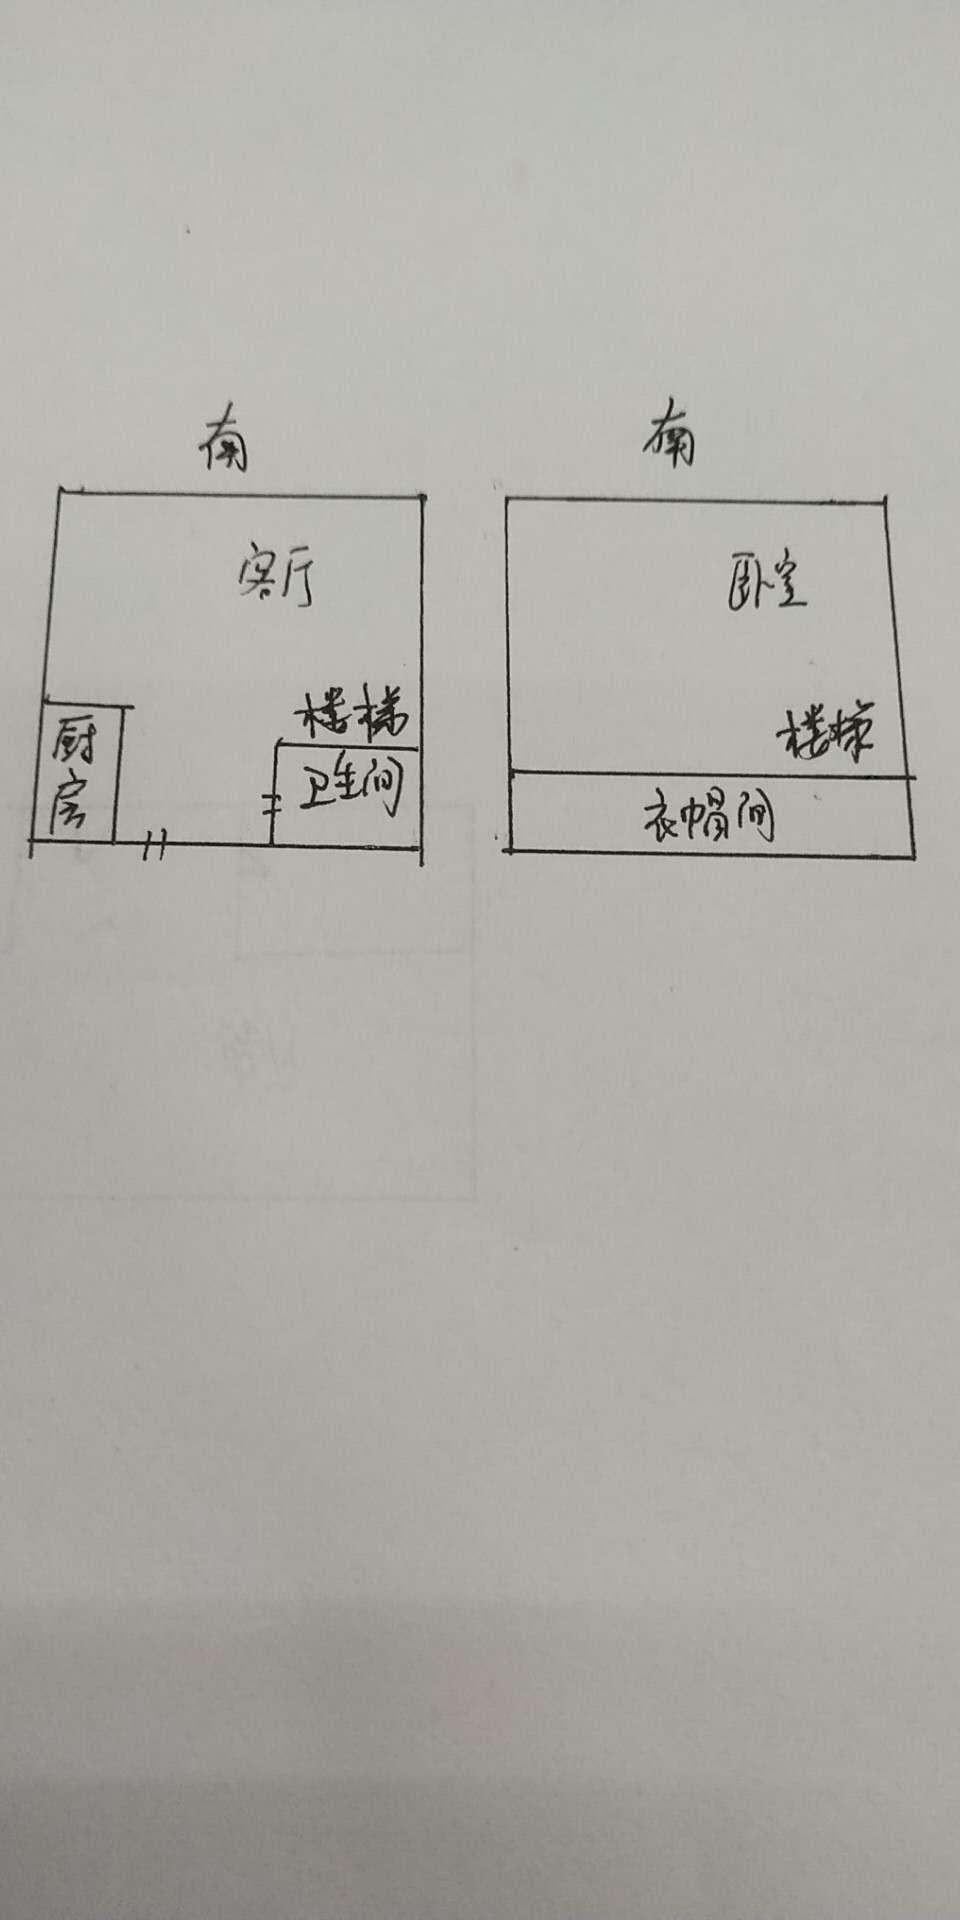 唐人D区(公寓)LOFT 0室0厅  精装 43万